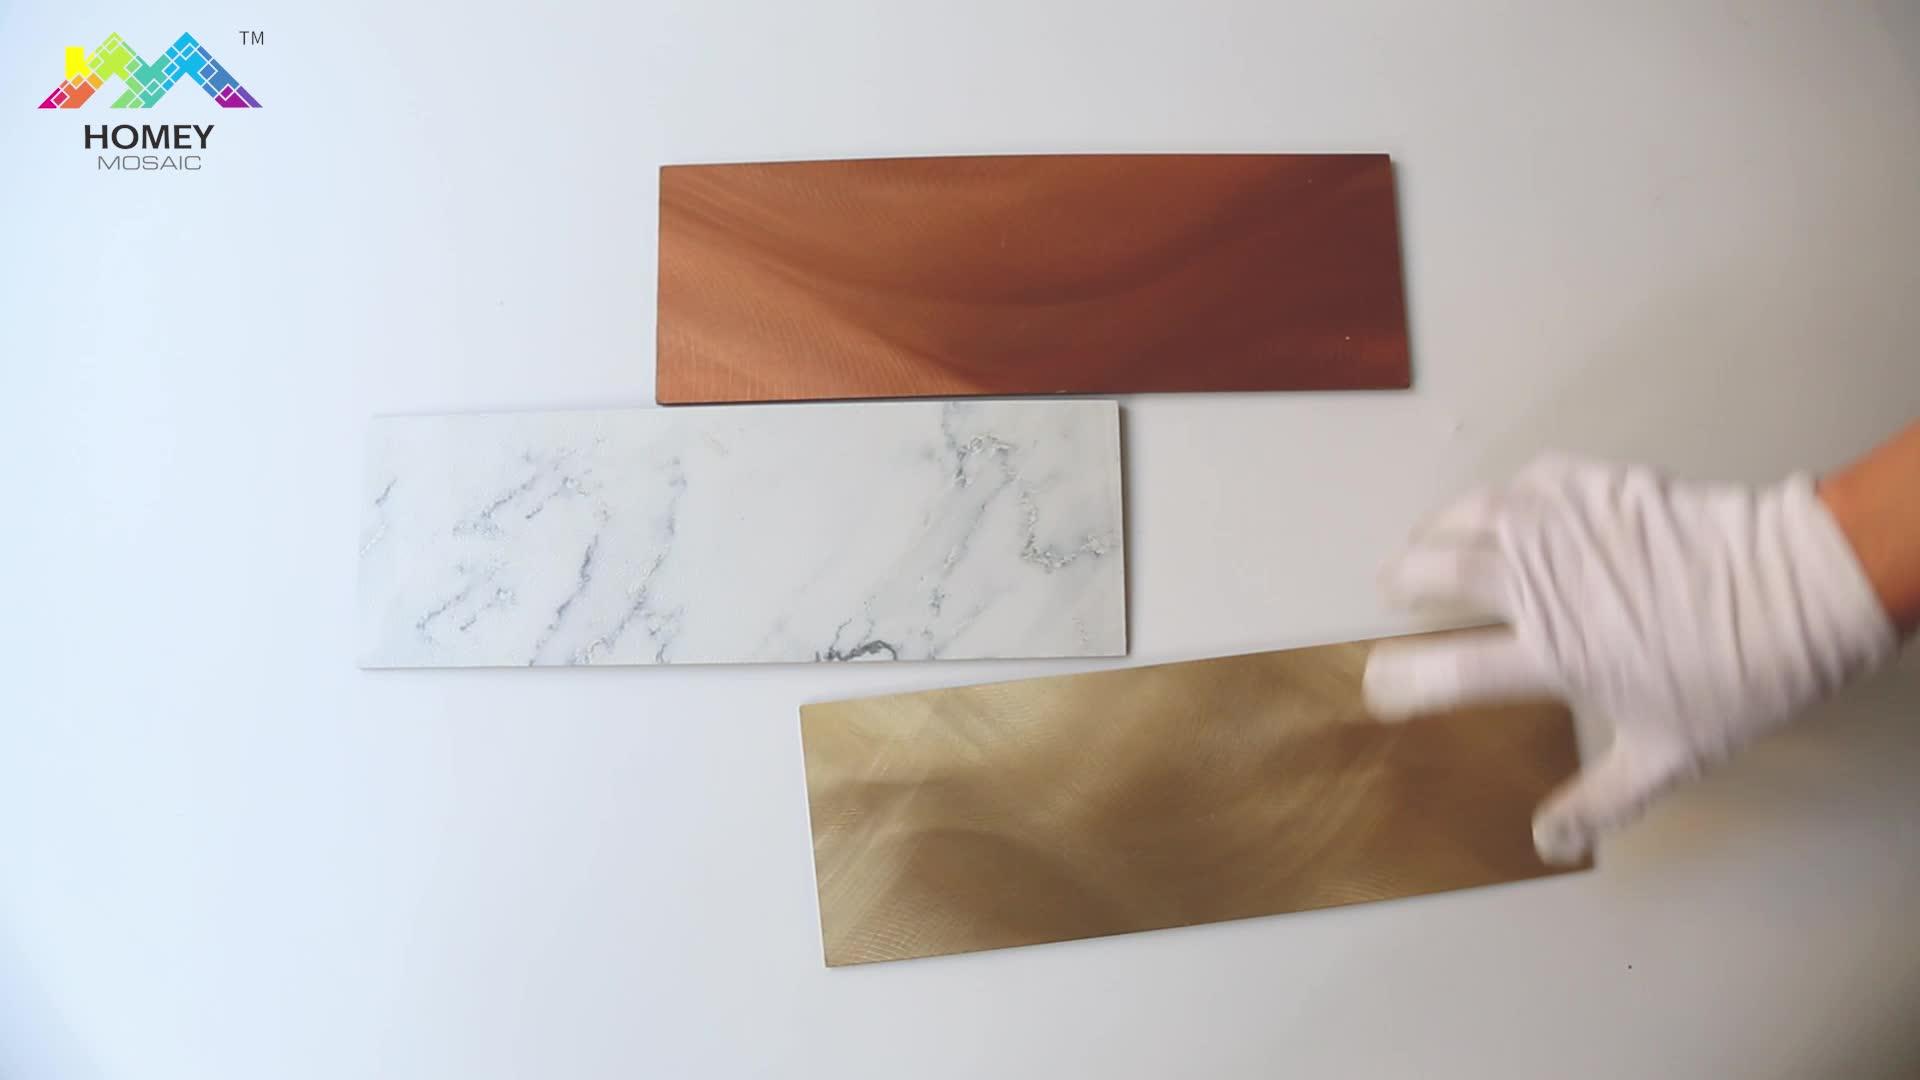 3D लकड़ी फैशन शैली मिश्रण एल्यूमीनियम Mosaico टाइल छील और छड़ी लकड़ी की तरह टाइल बाथरूम